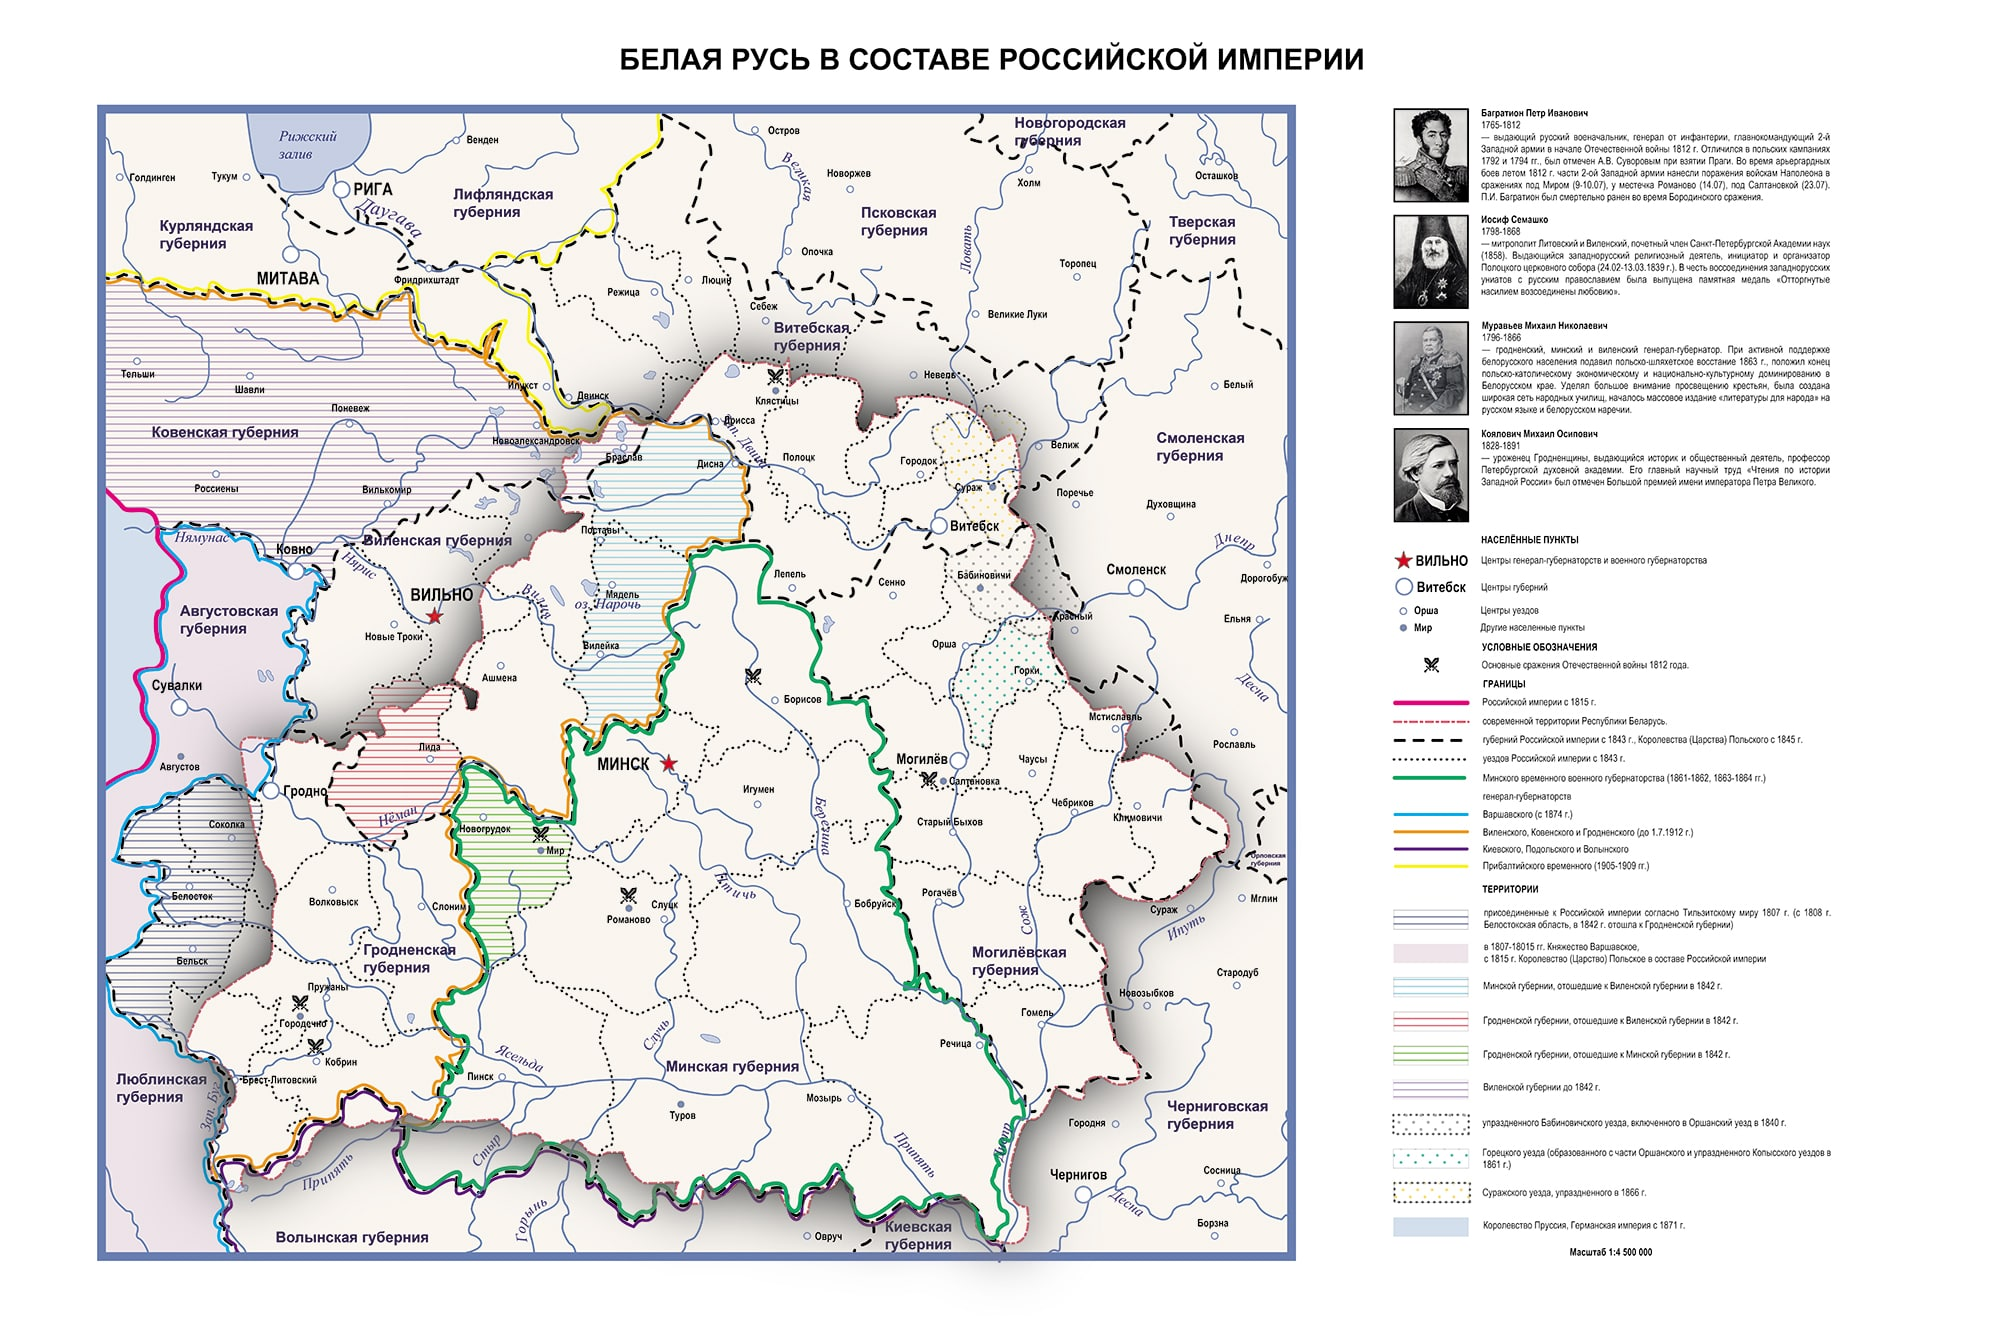 Карта «Белая Русь в составе Российской империи в XIX – начале XX в»